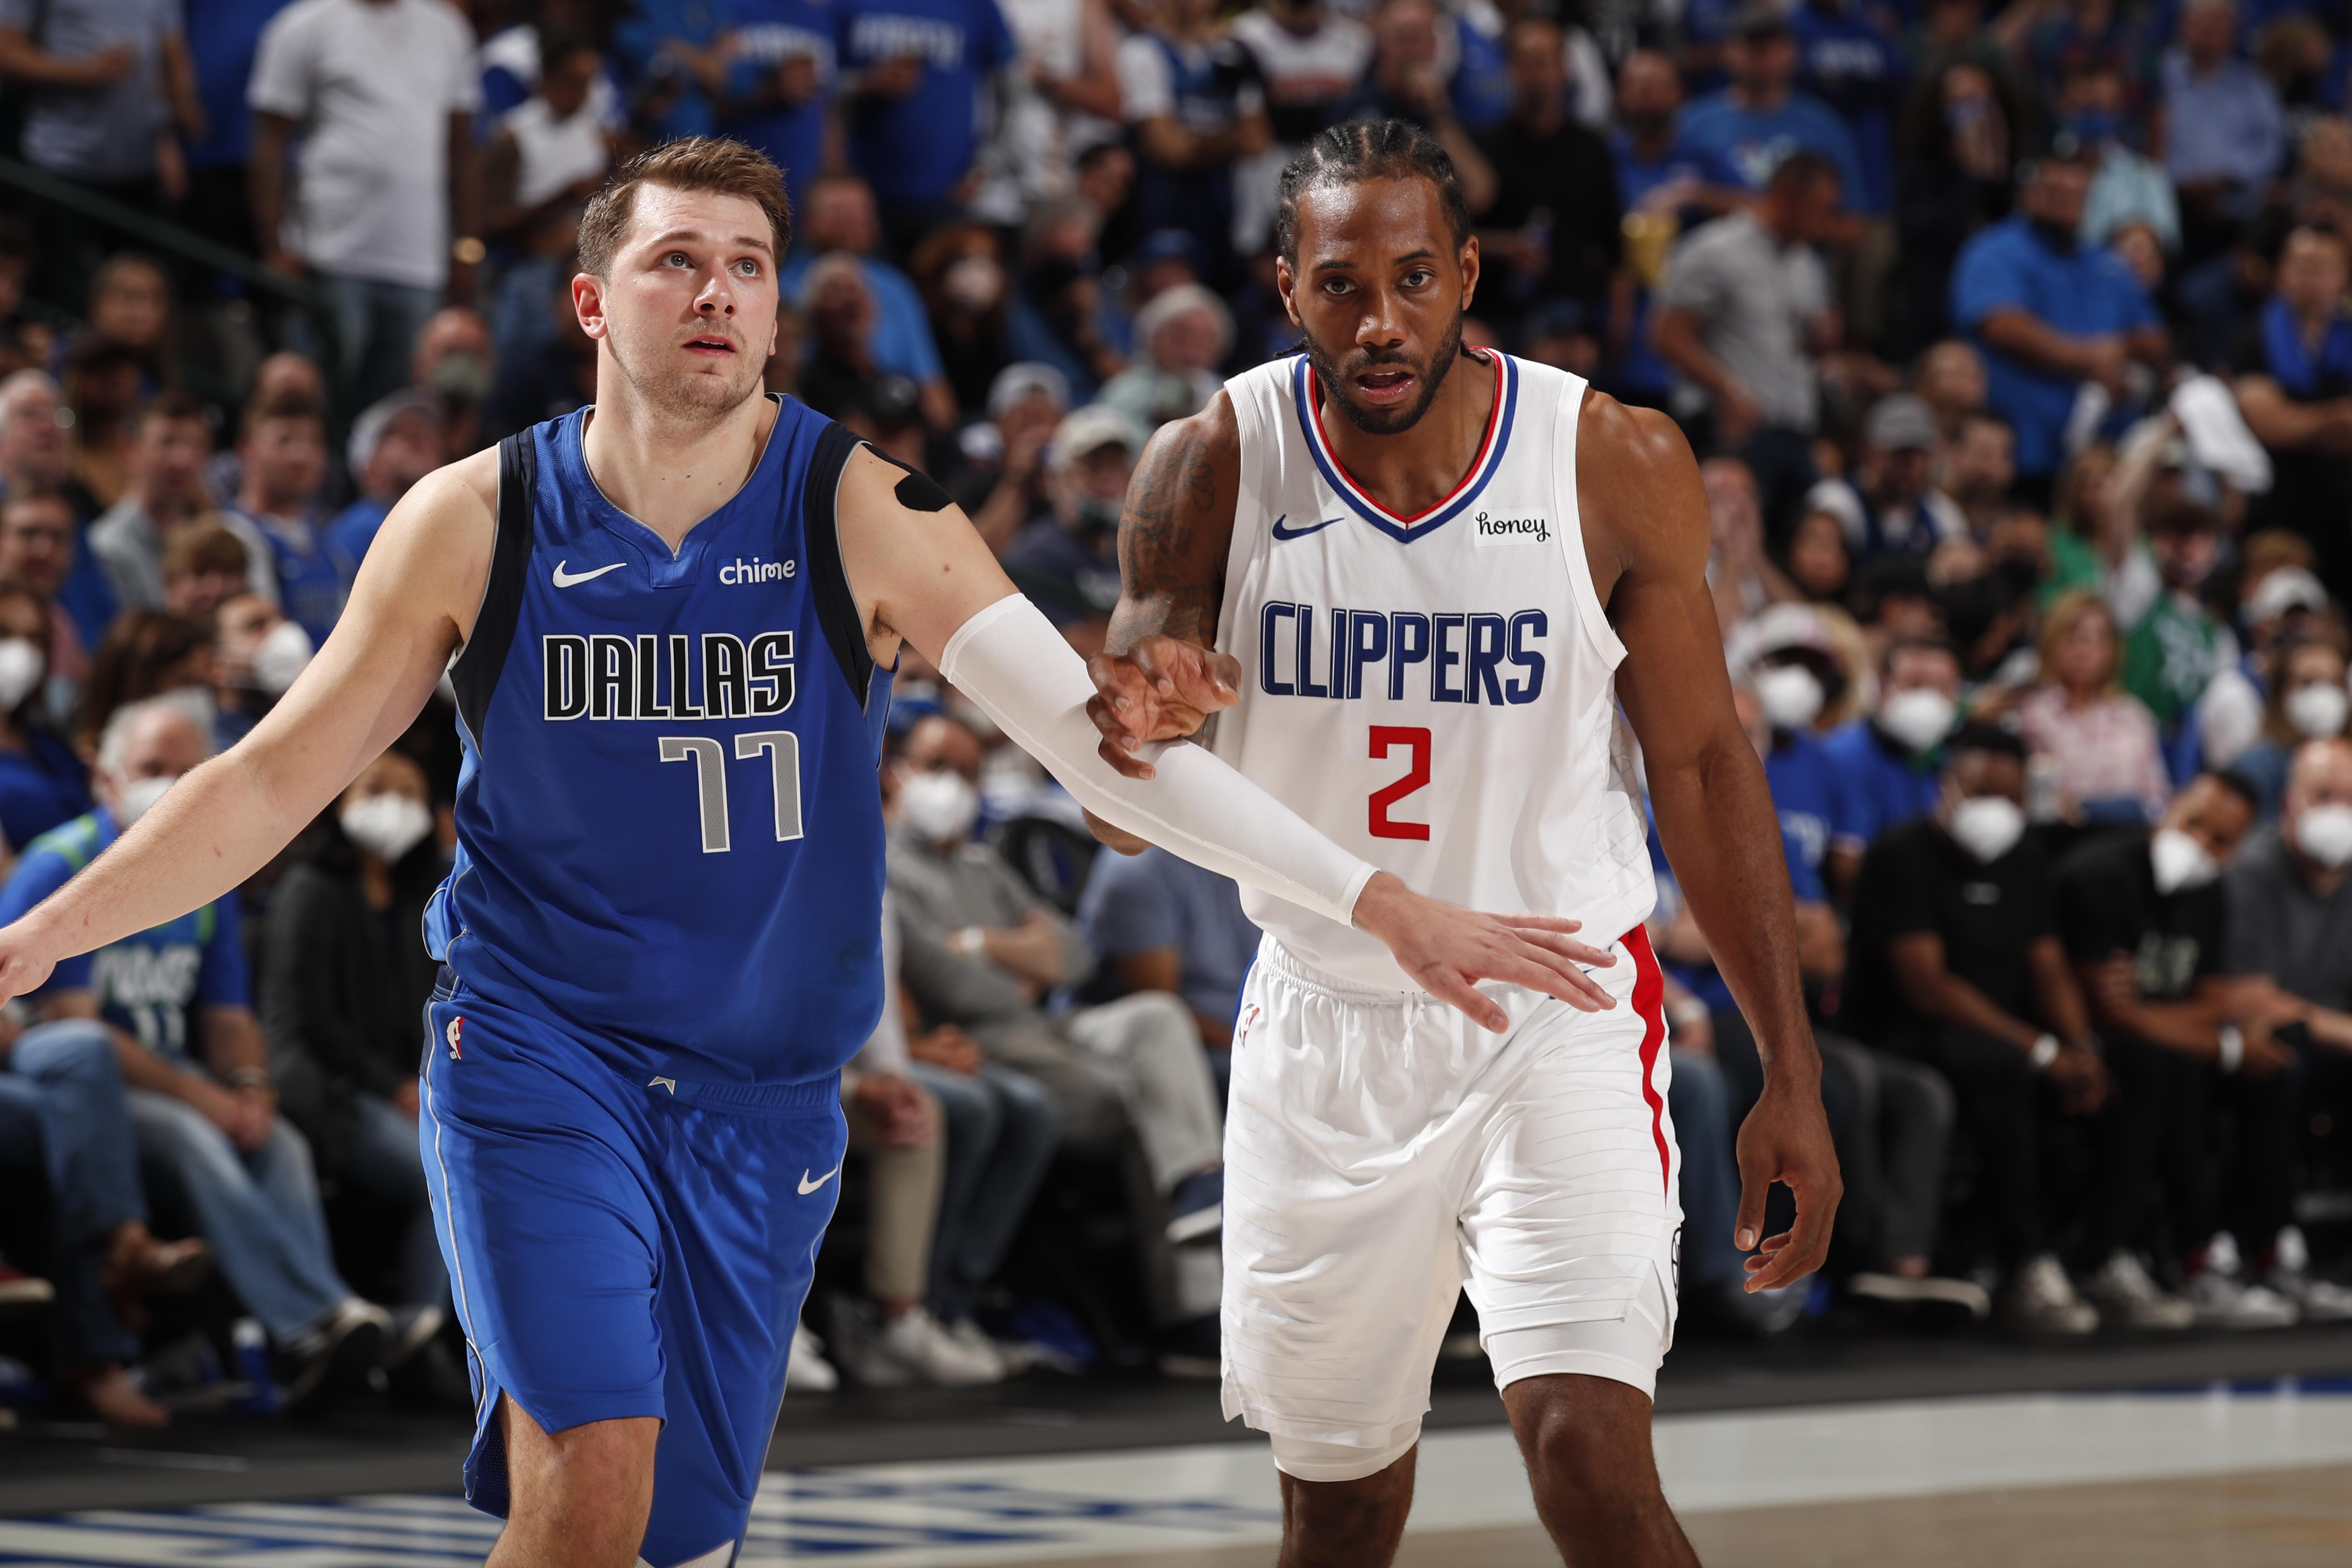 2021年NBA季后赛-洛杉矶快船vs达拉斯小牛队